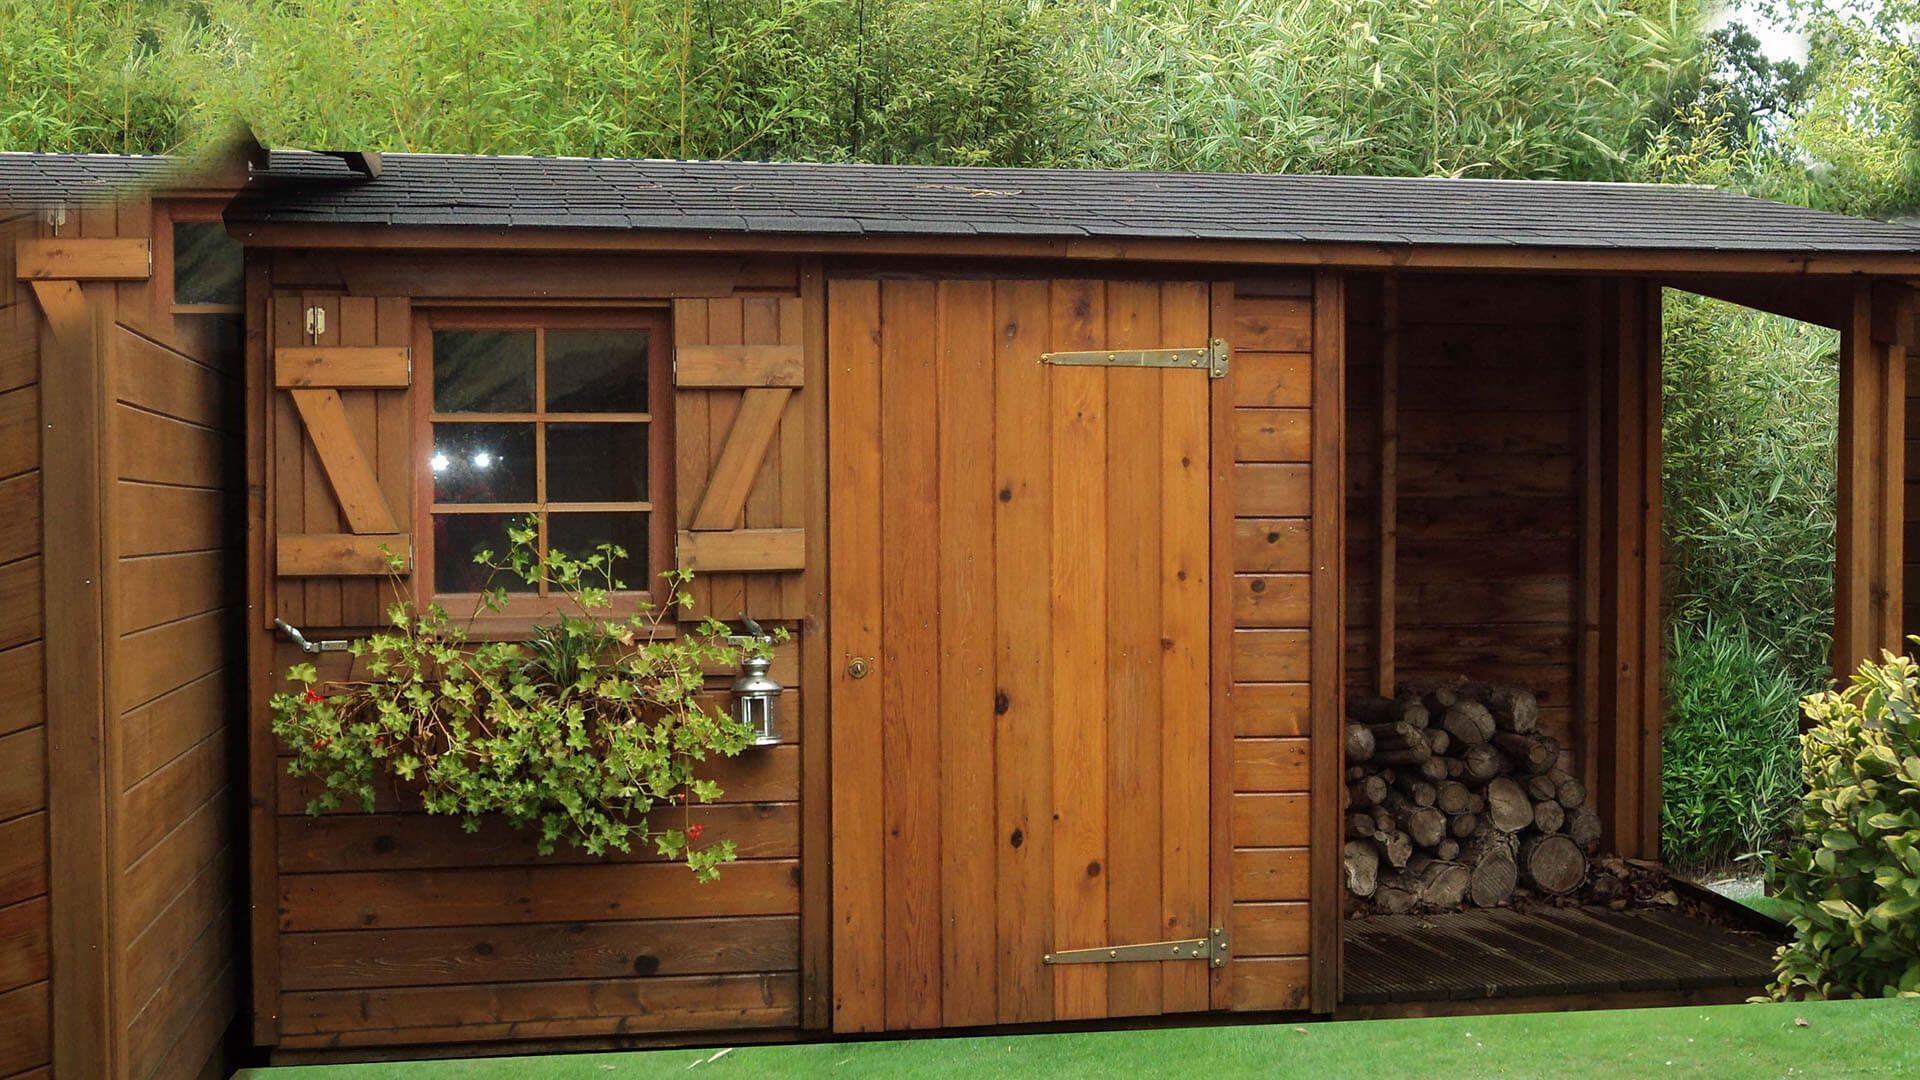 Que Diriez-Vous D'un Abri De Jardin Une Pente Pour Stocker ... concernant Abri De Jardin Une Pente